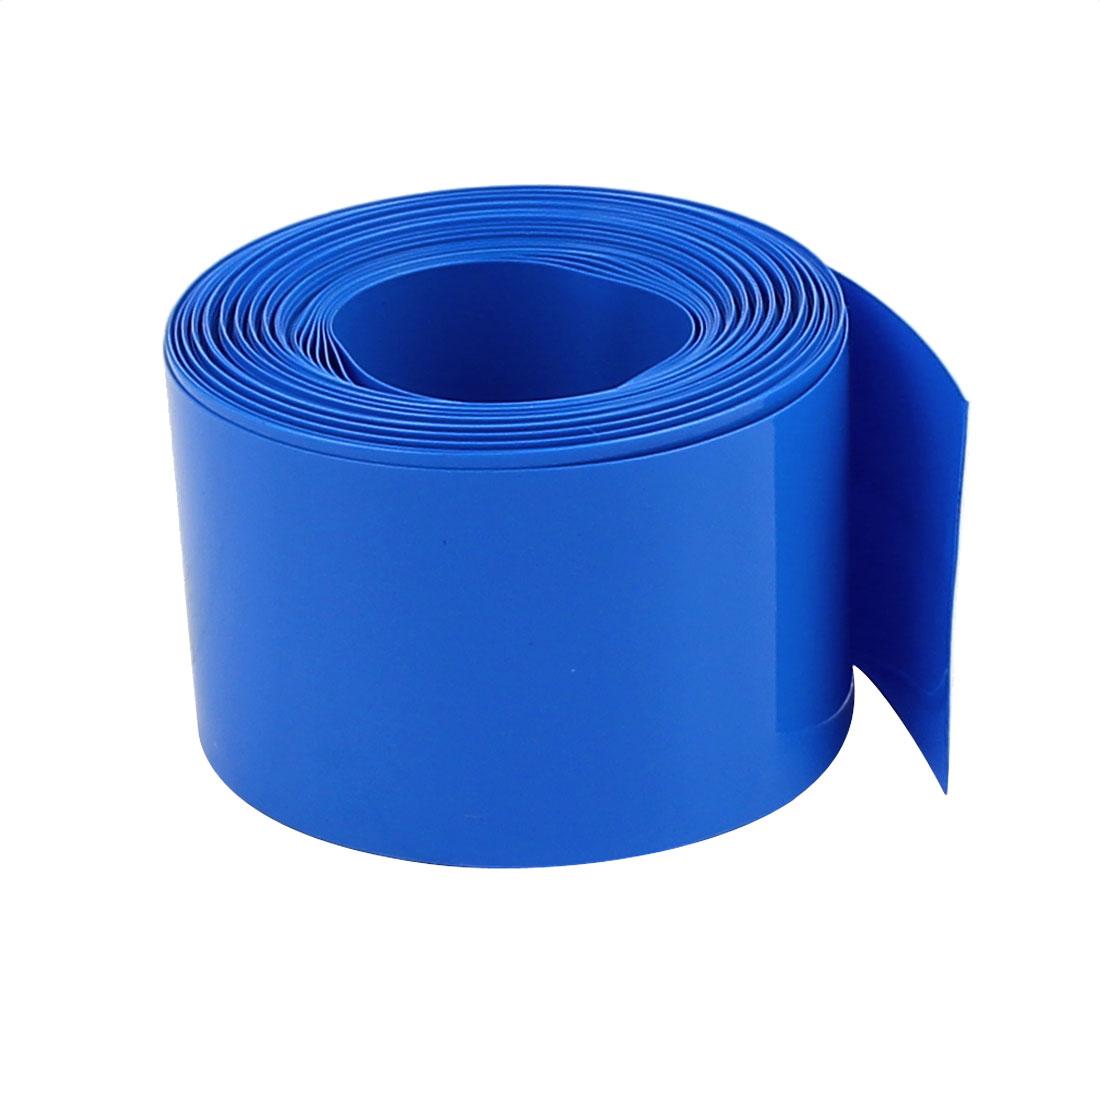 35mm Flat Width 2.1M Length PVC Heat Shrink Tube Blue for 18650 Battery Pack